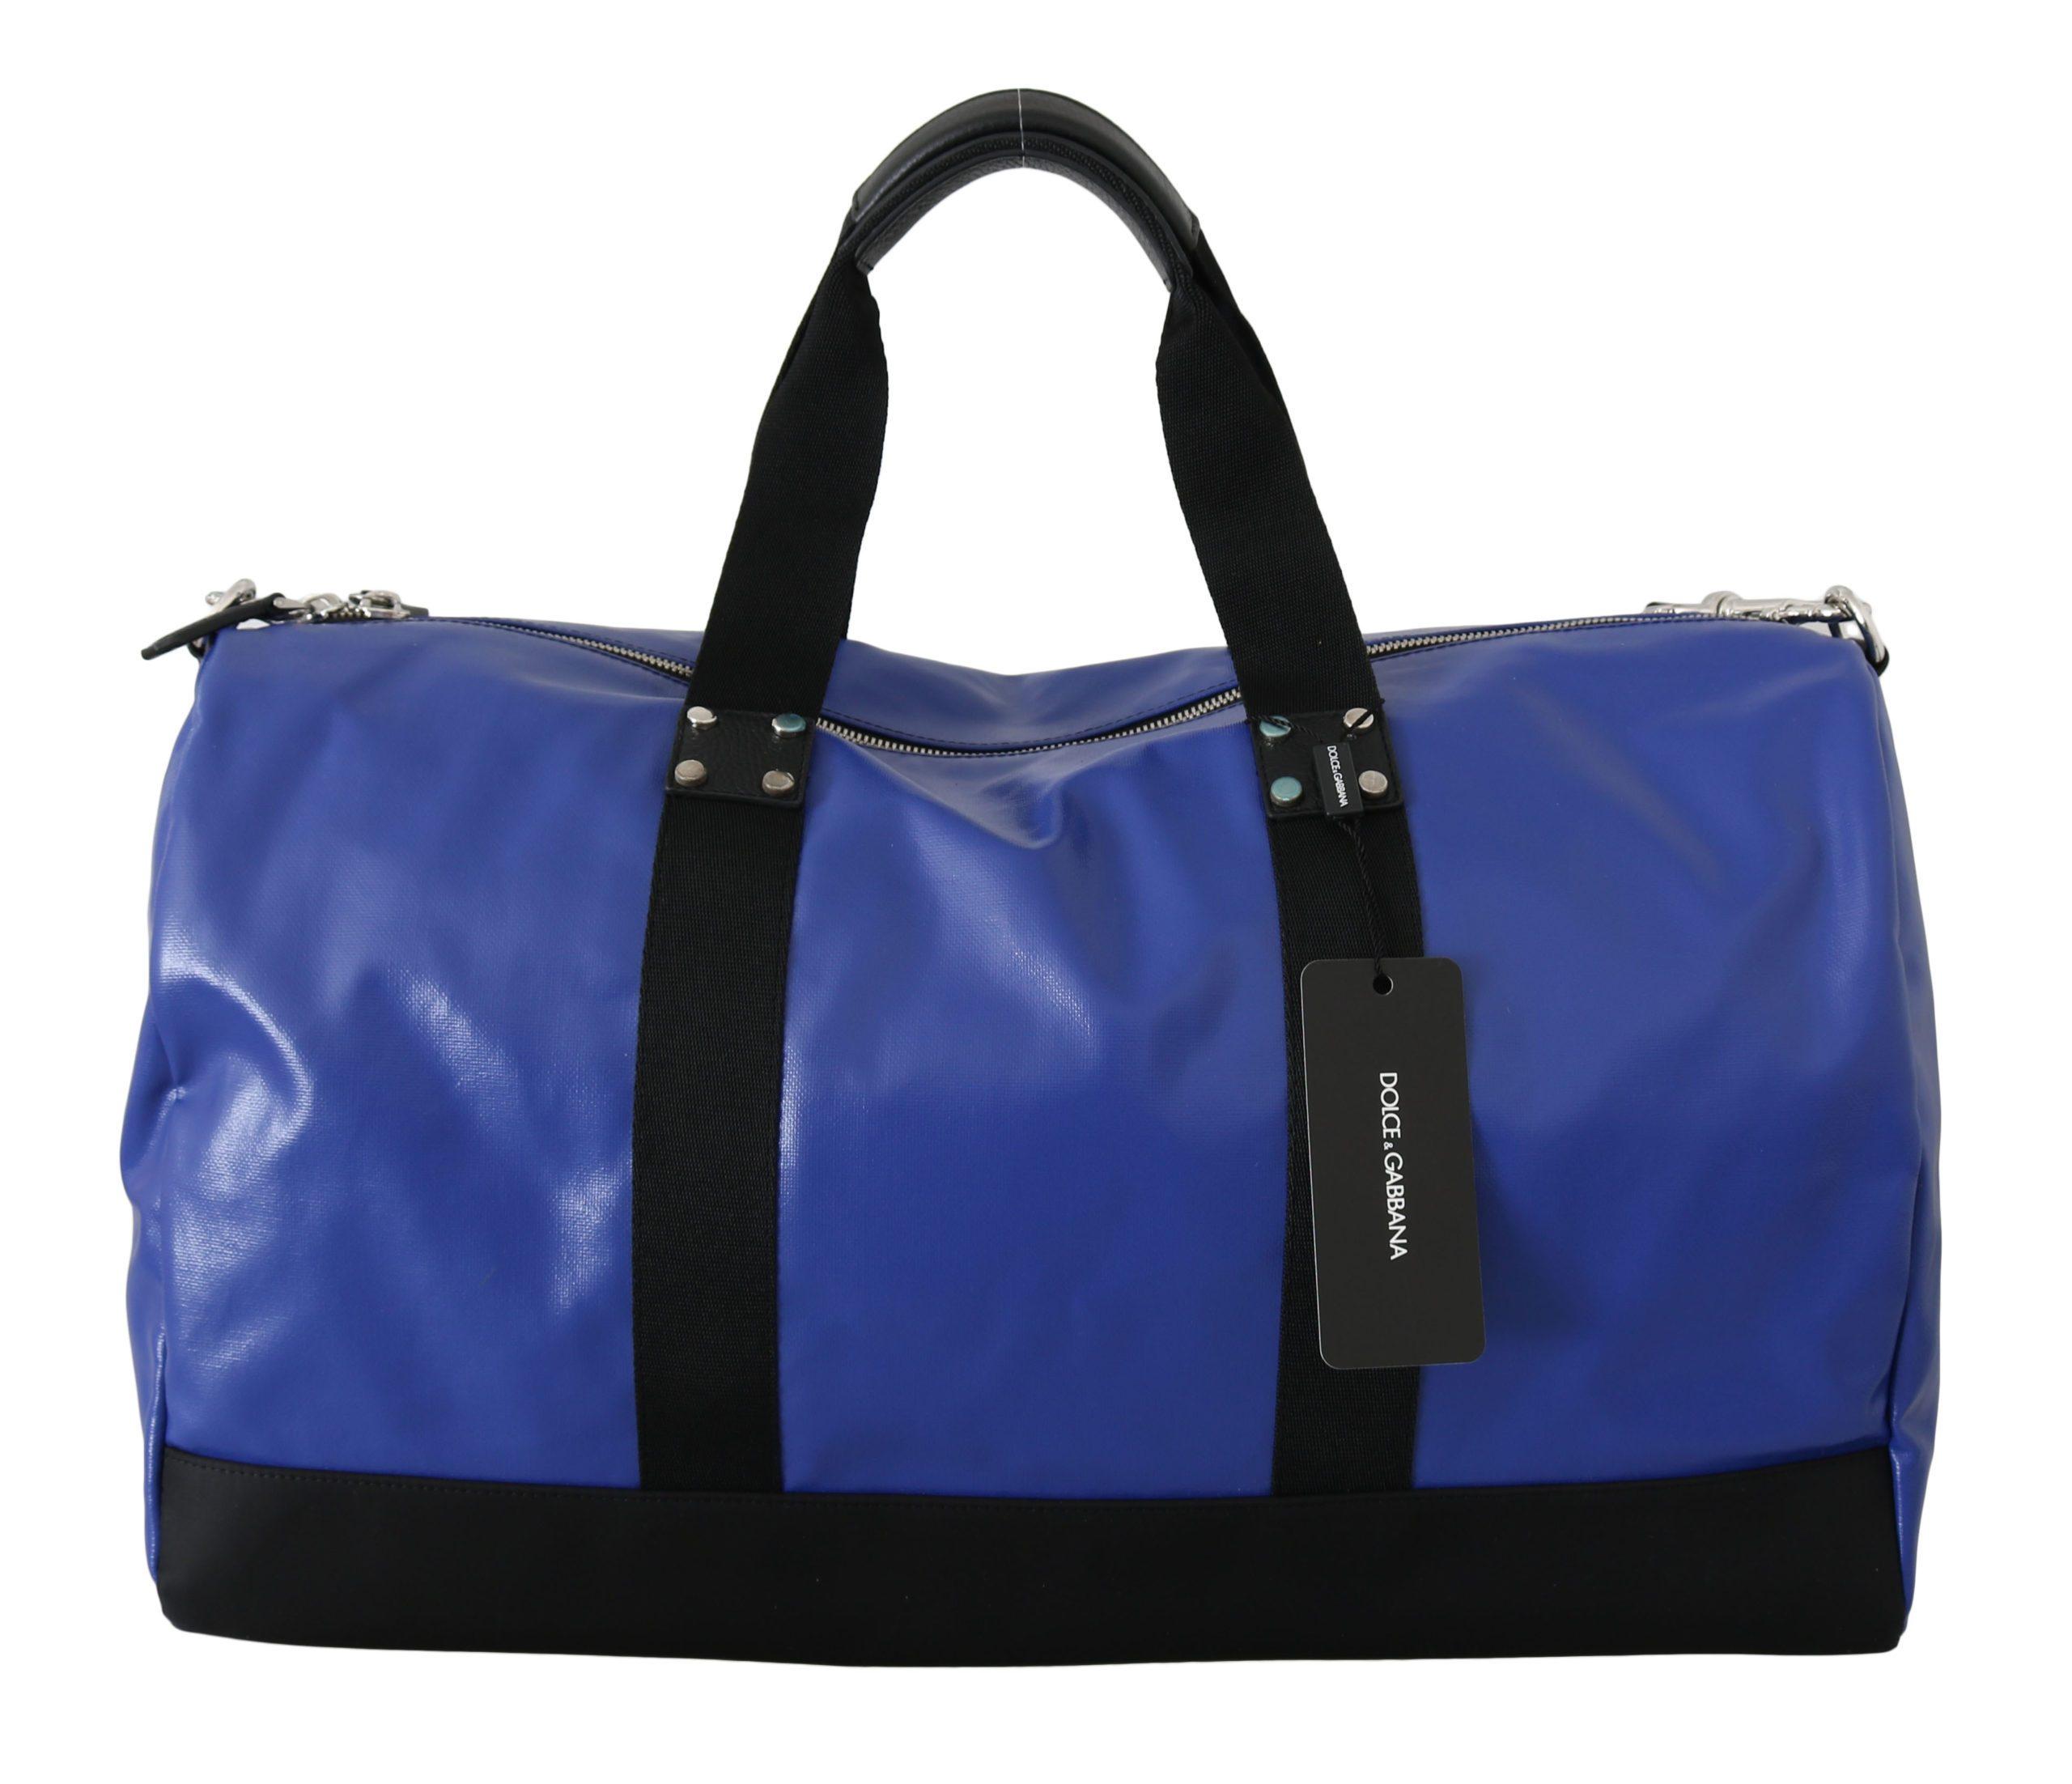 Dolce & Gabbana Men's Shoulder Sling Travel Luggage Blue VAS8791